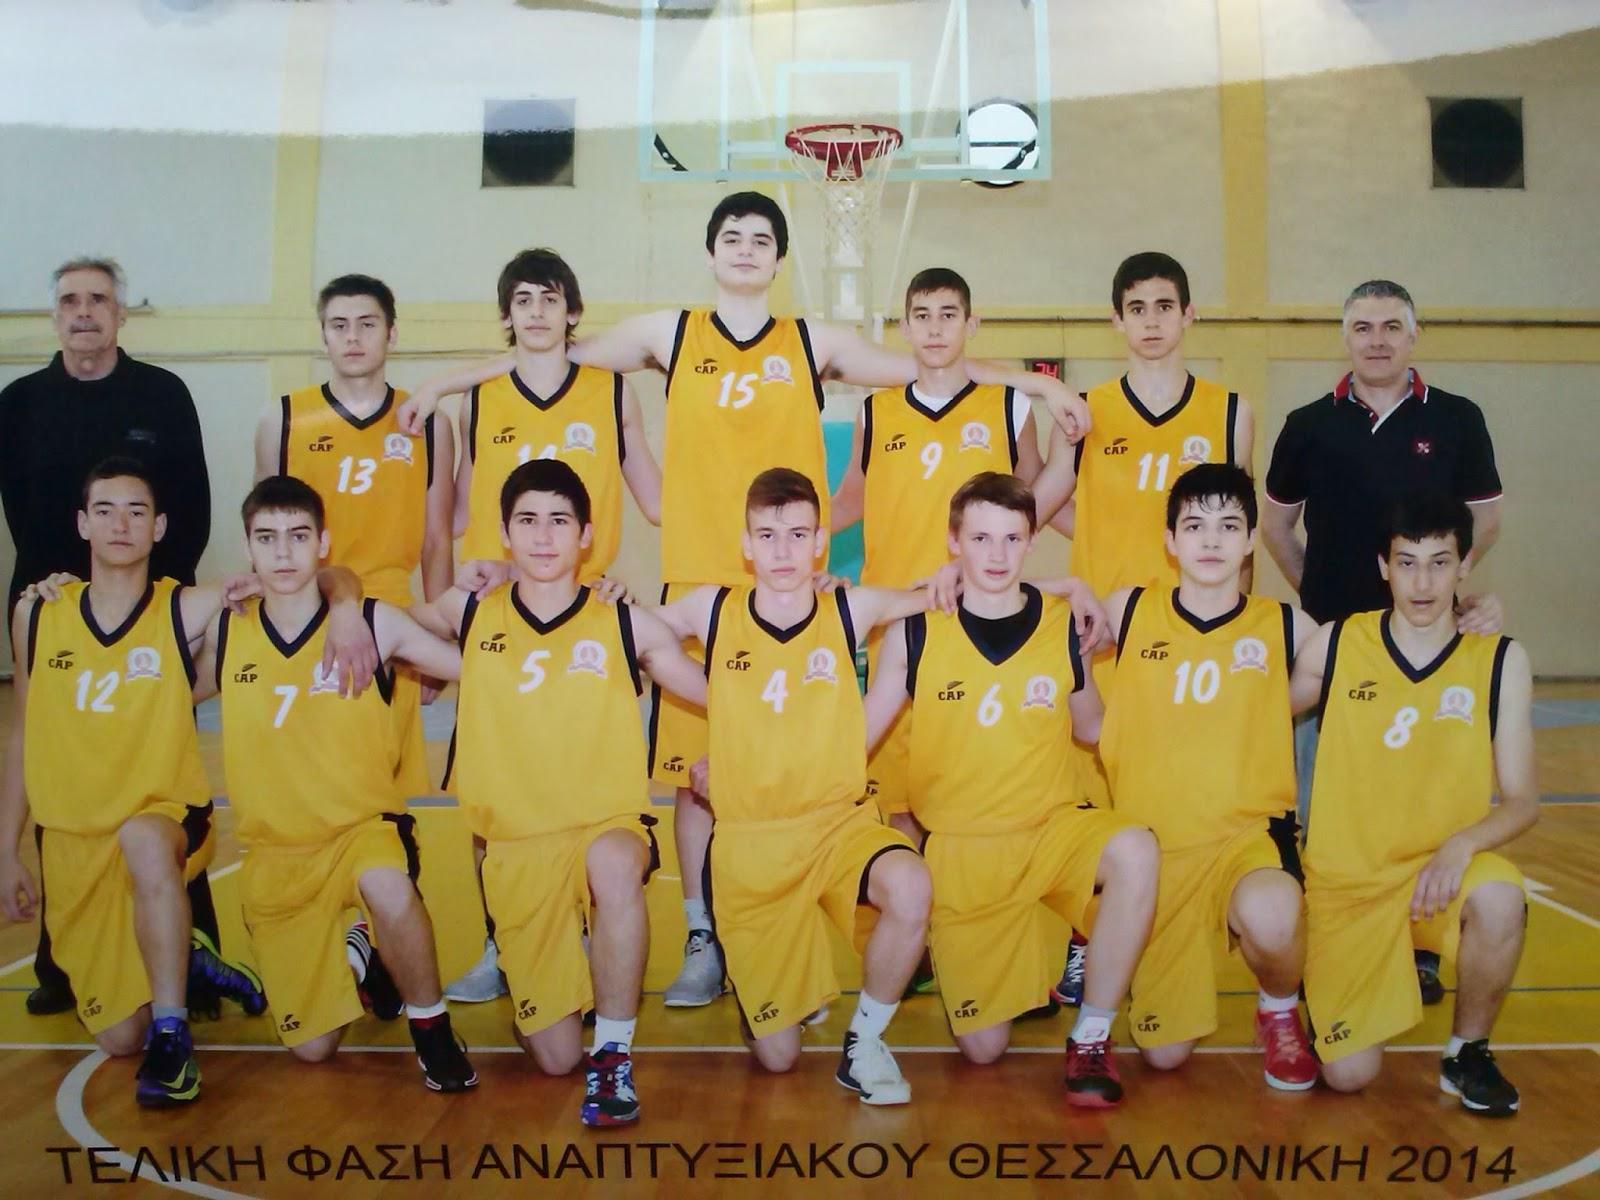 Πρώτη η ΕΣΚΑΝΑ στην τελική φάση του πανελλήνιου  πρωταθλήματος  Ενώσεων που έγινε στην  Θεσσαλονίκη